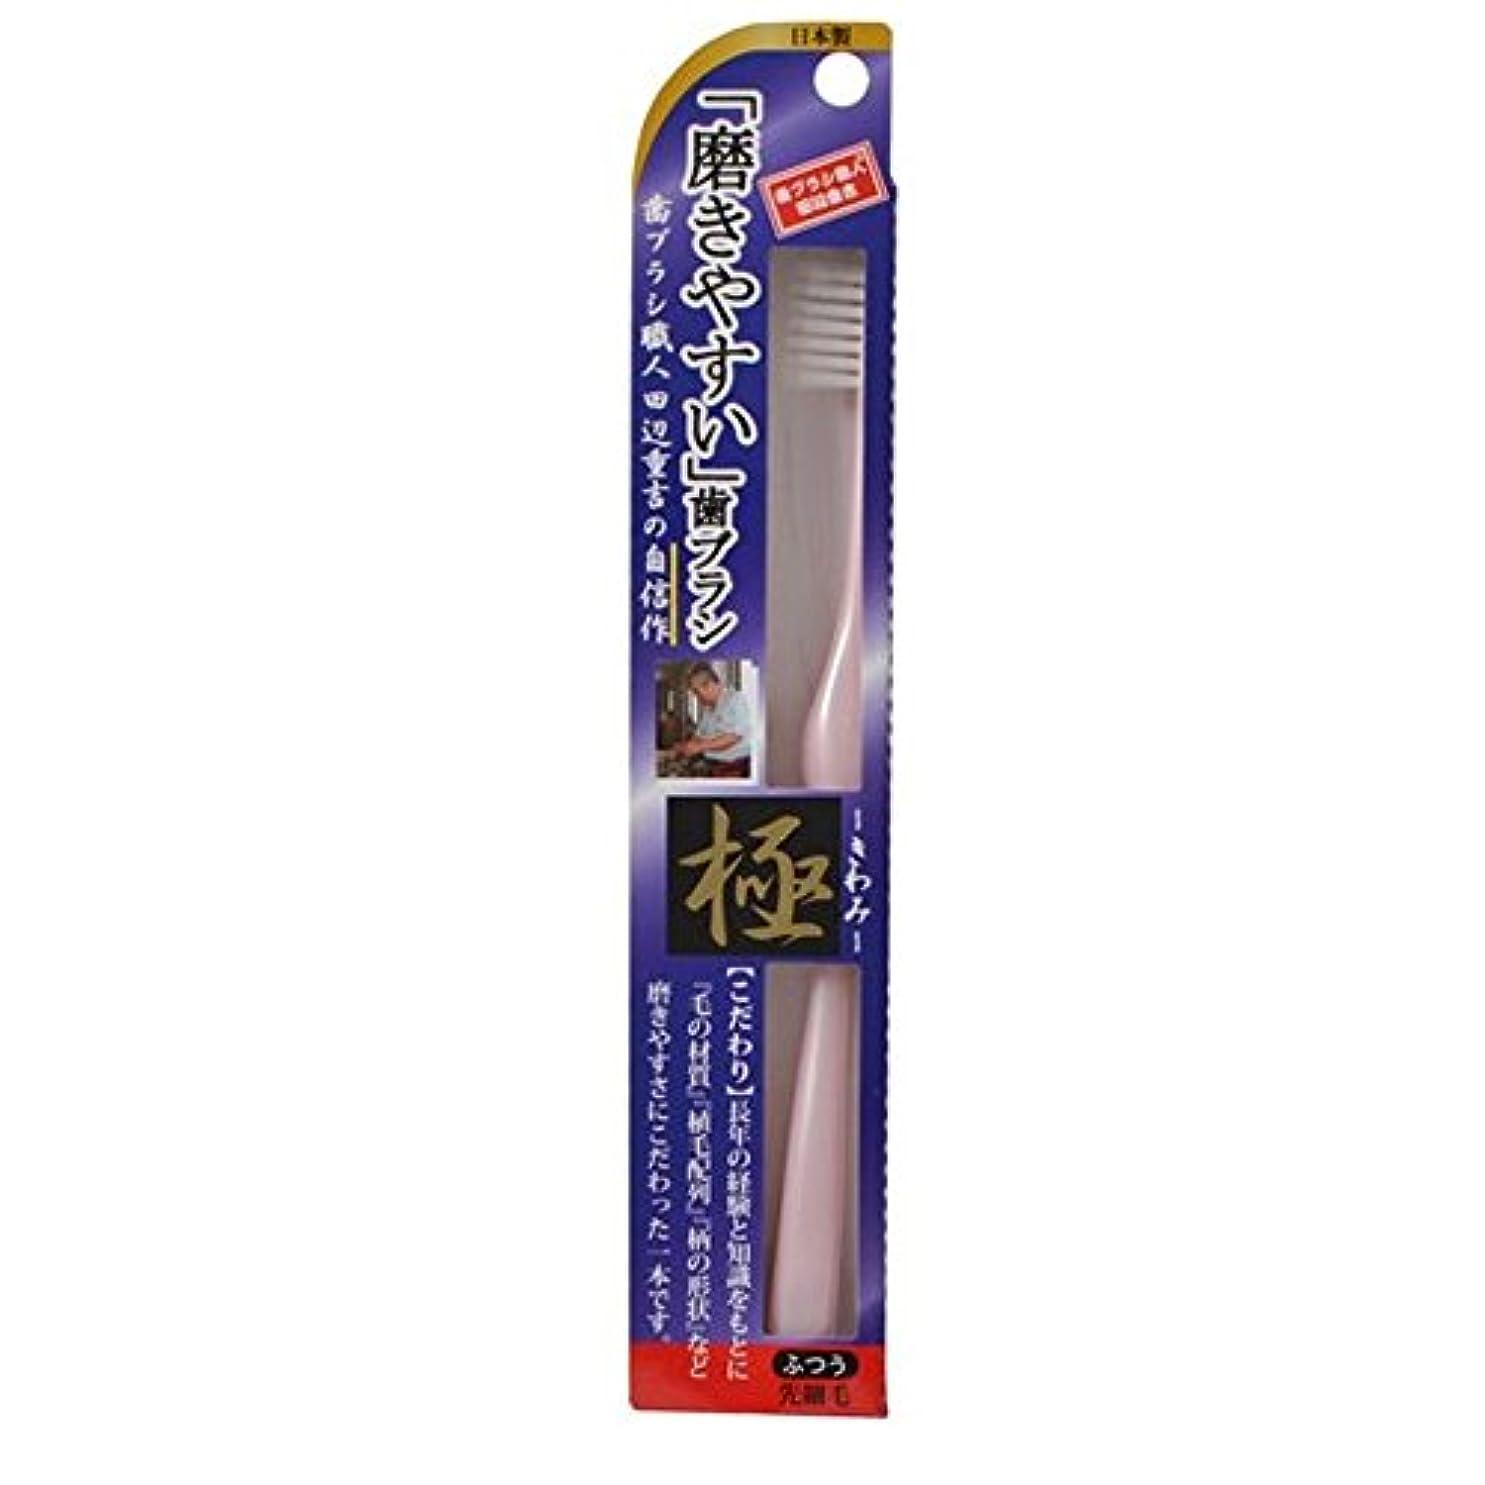 ギャラリー小さな磨きやすい歯ブラシ極 LT-22